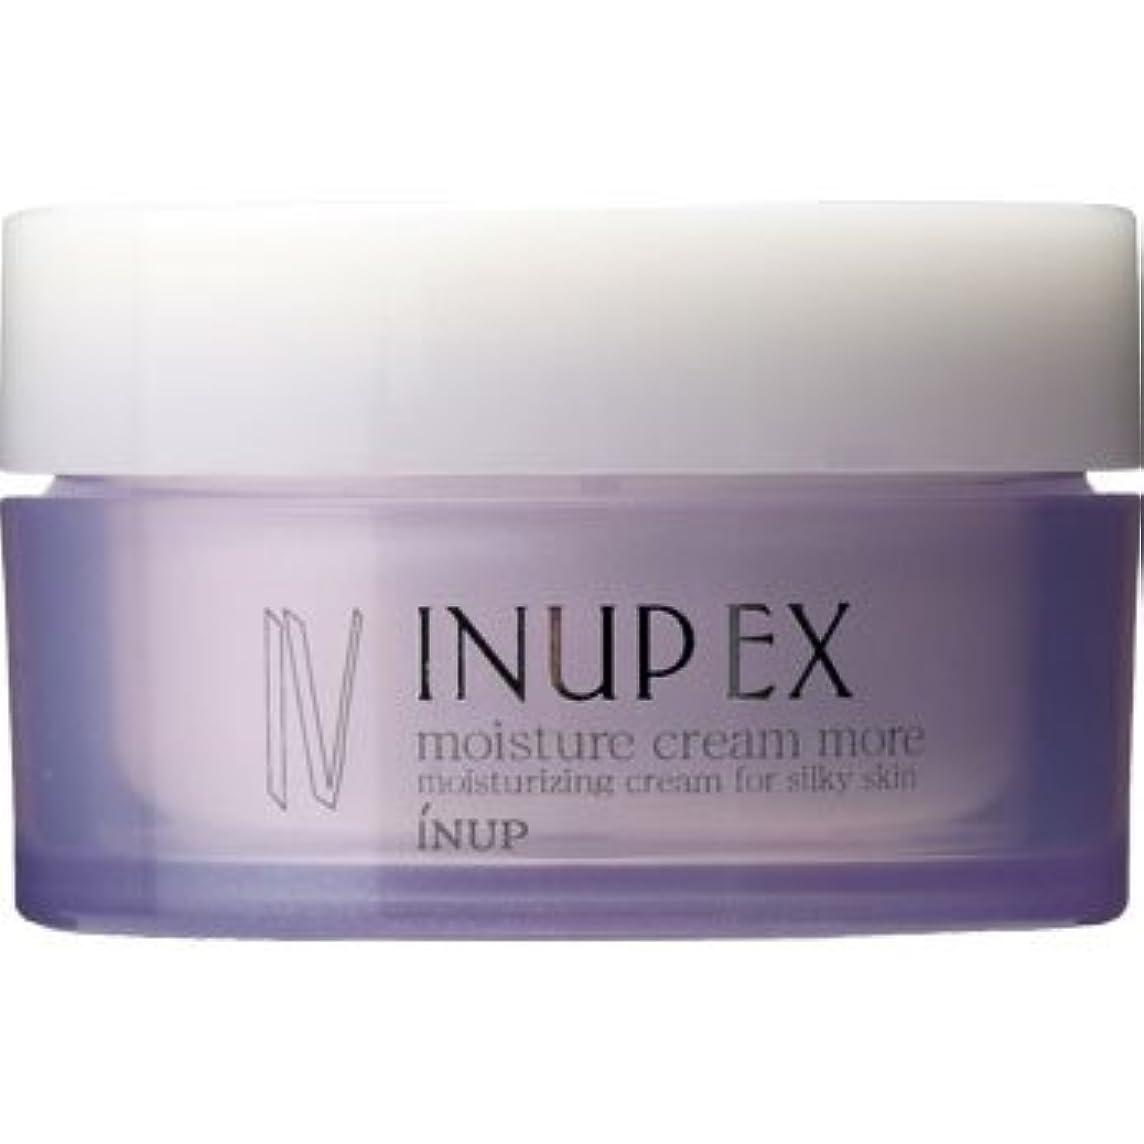 ソートやさしい劇的インナップEX 保湿クリーム (潤い効果アップ) モイスチャークリーム MD (スパチュラ付)[弱酸性] 30g